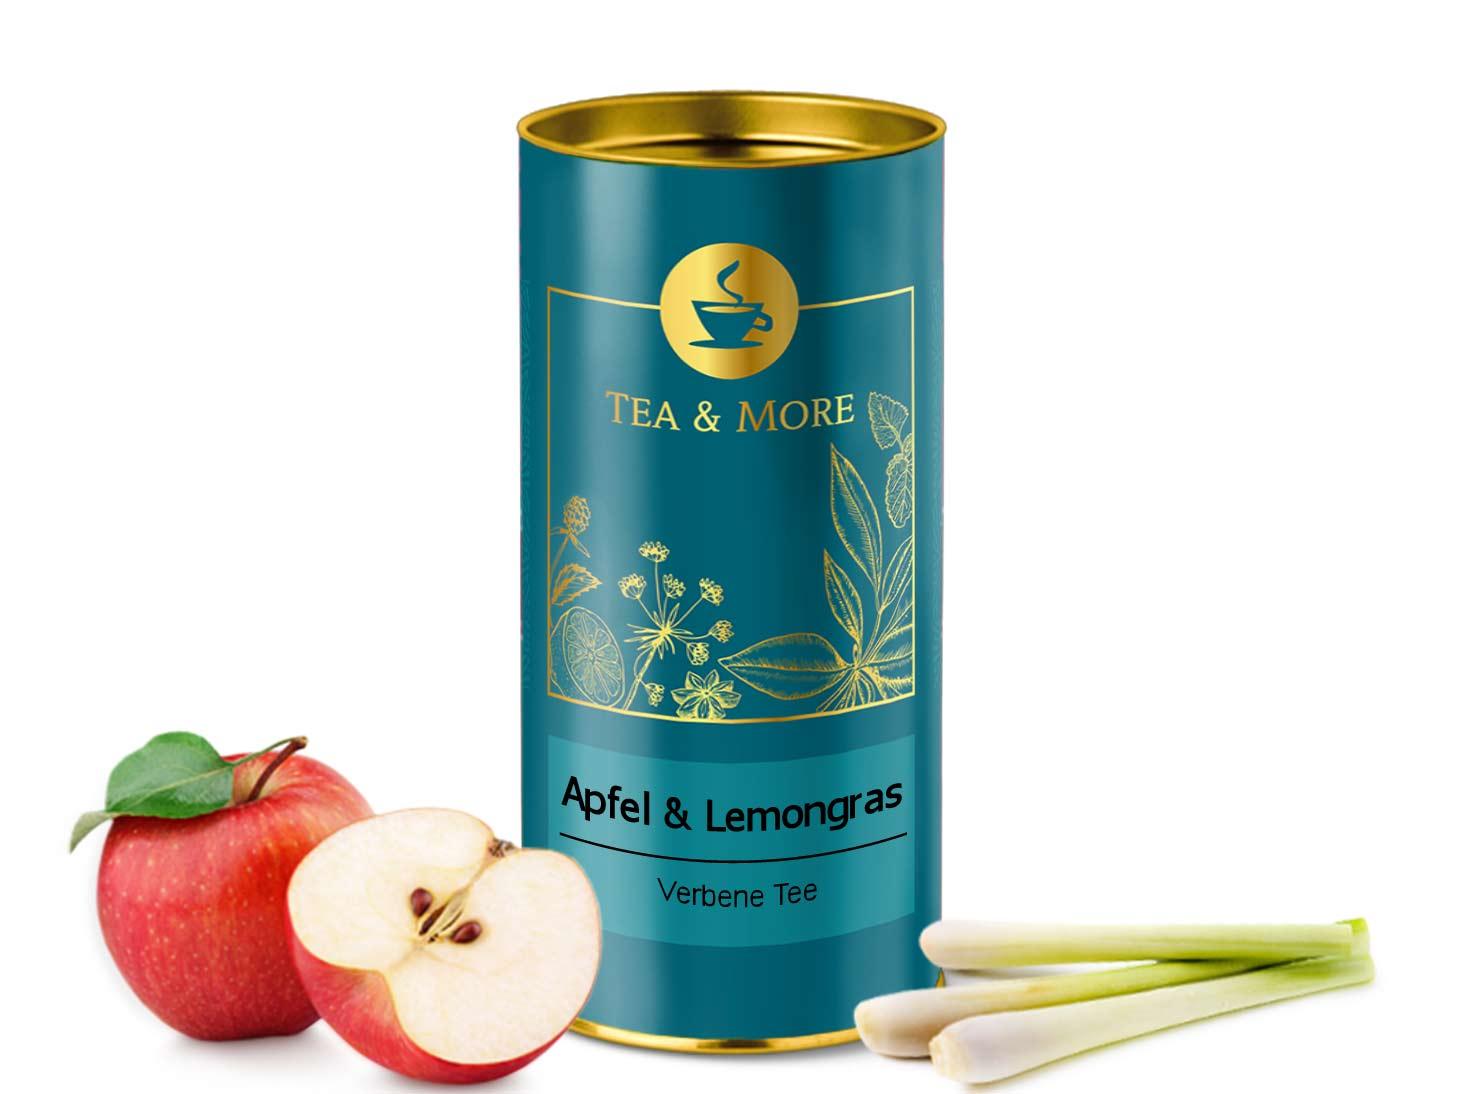 Verbene, Apfel & Lemongras